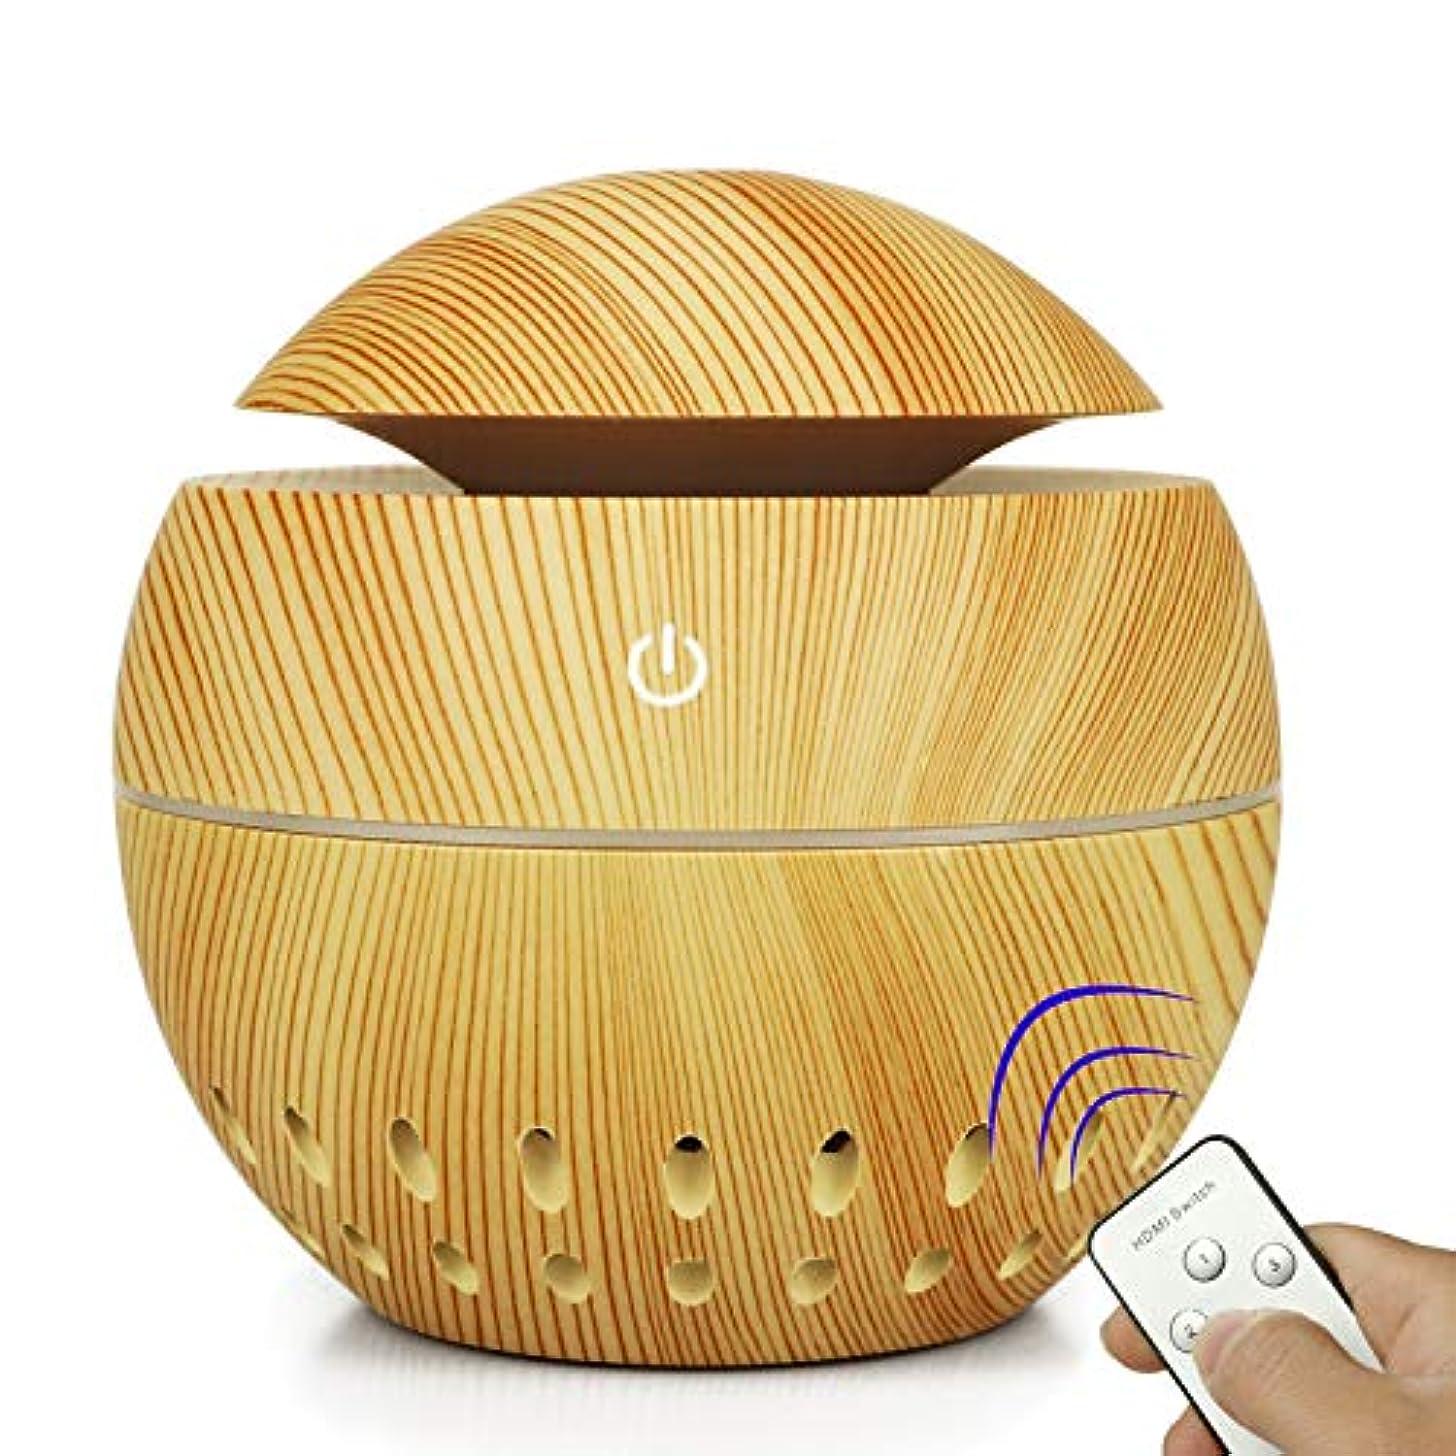 誇張するご覧ください踏み台加湿器USBウッドグレイン中空加湿器きのこ総本店小型家電 (Color : Brass, Size : 100MM*105MM)